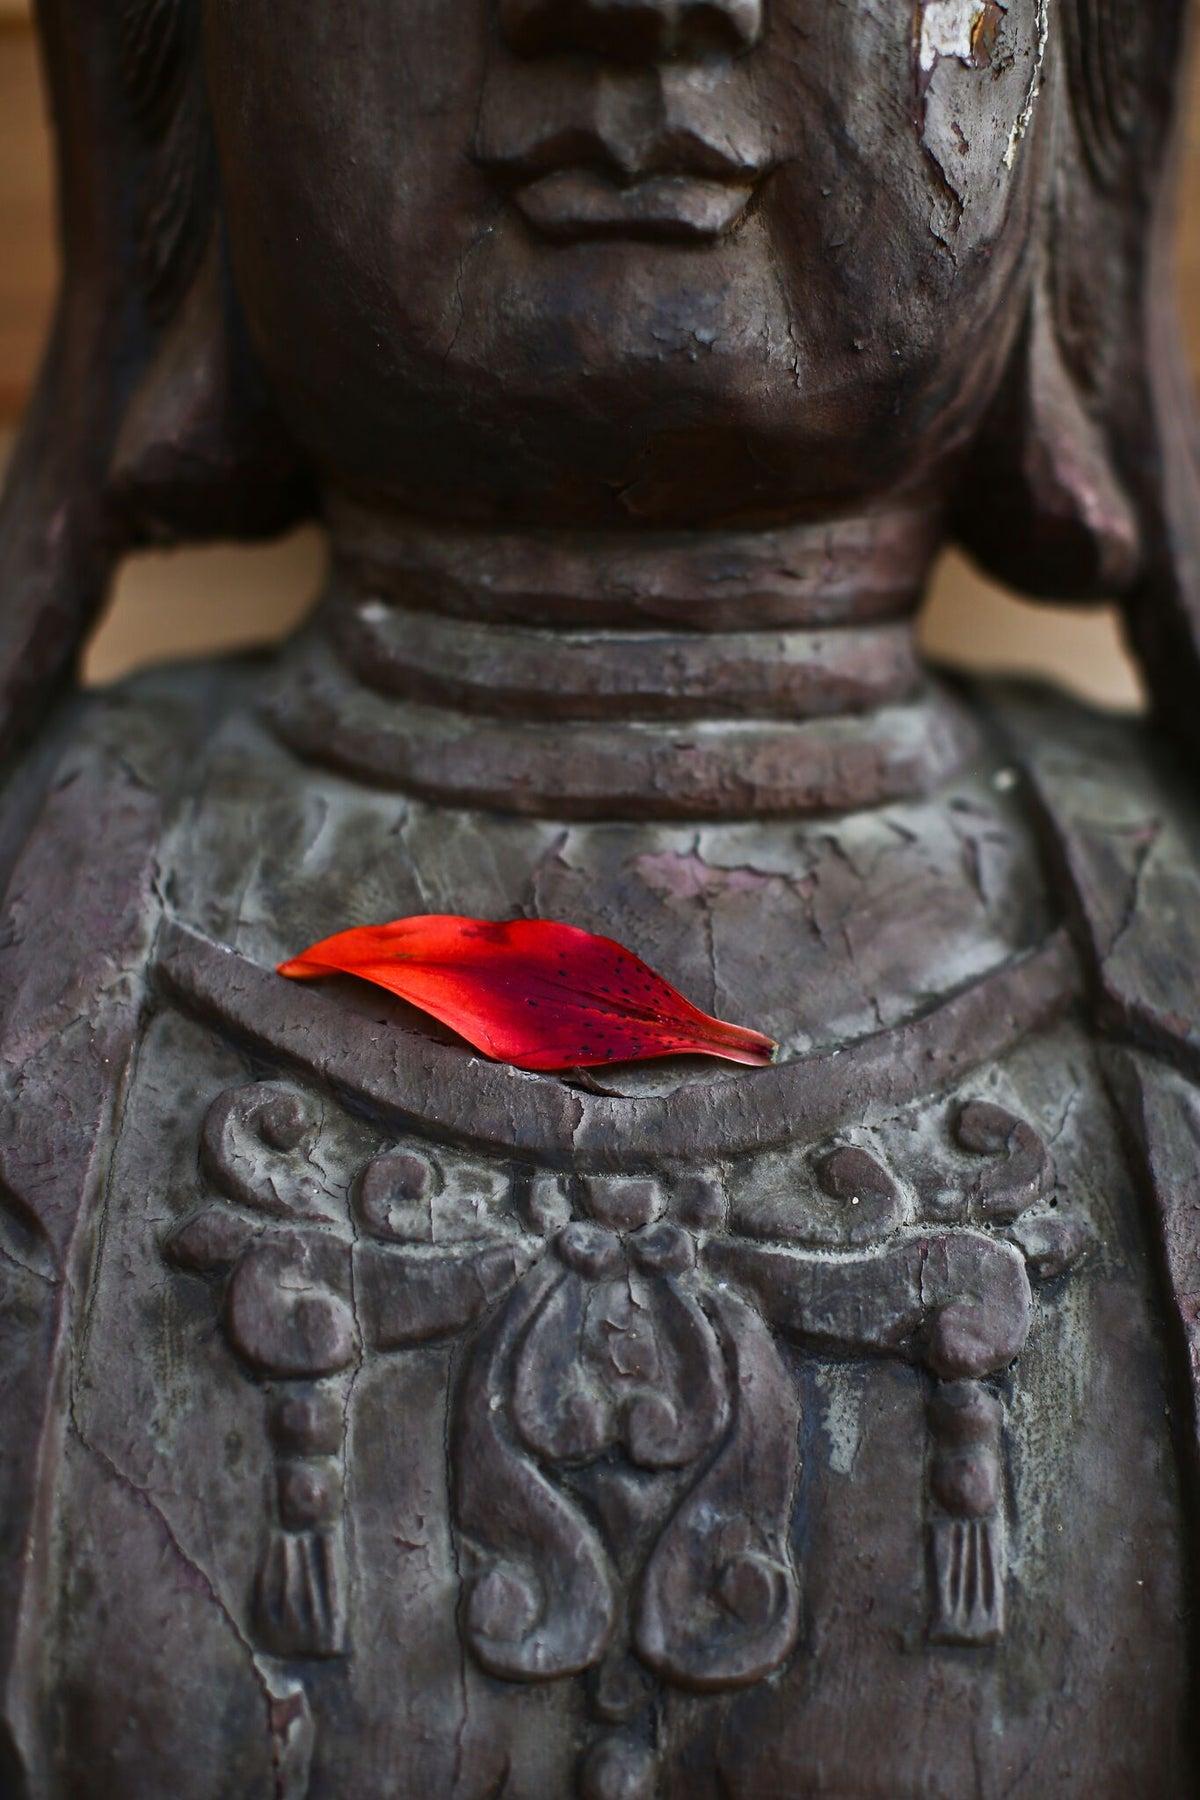 Image of Sacred Statue w/ Flower Petal (2 images) - digital download